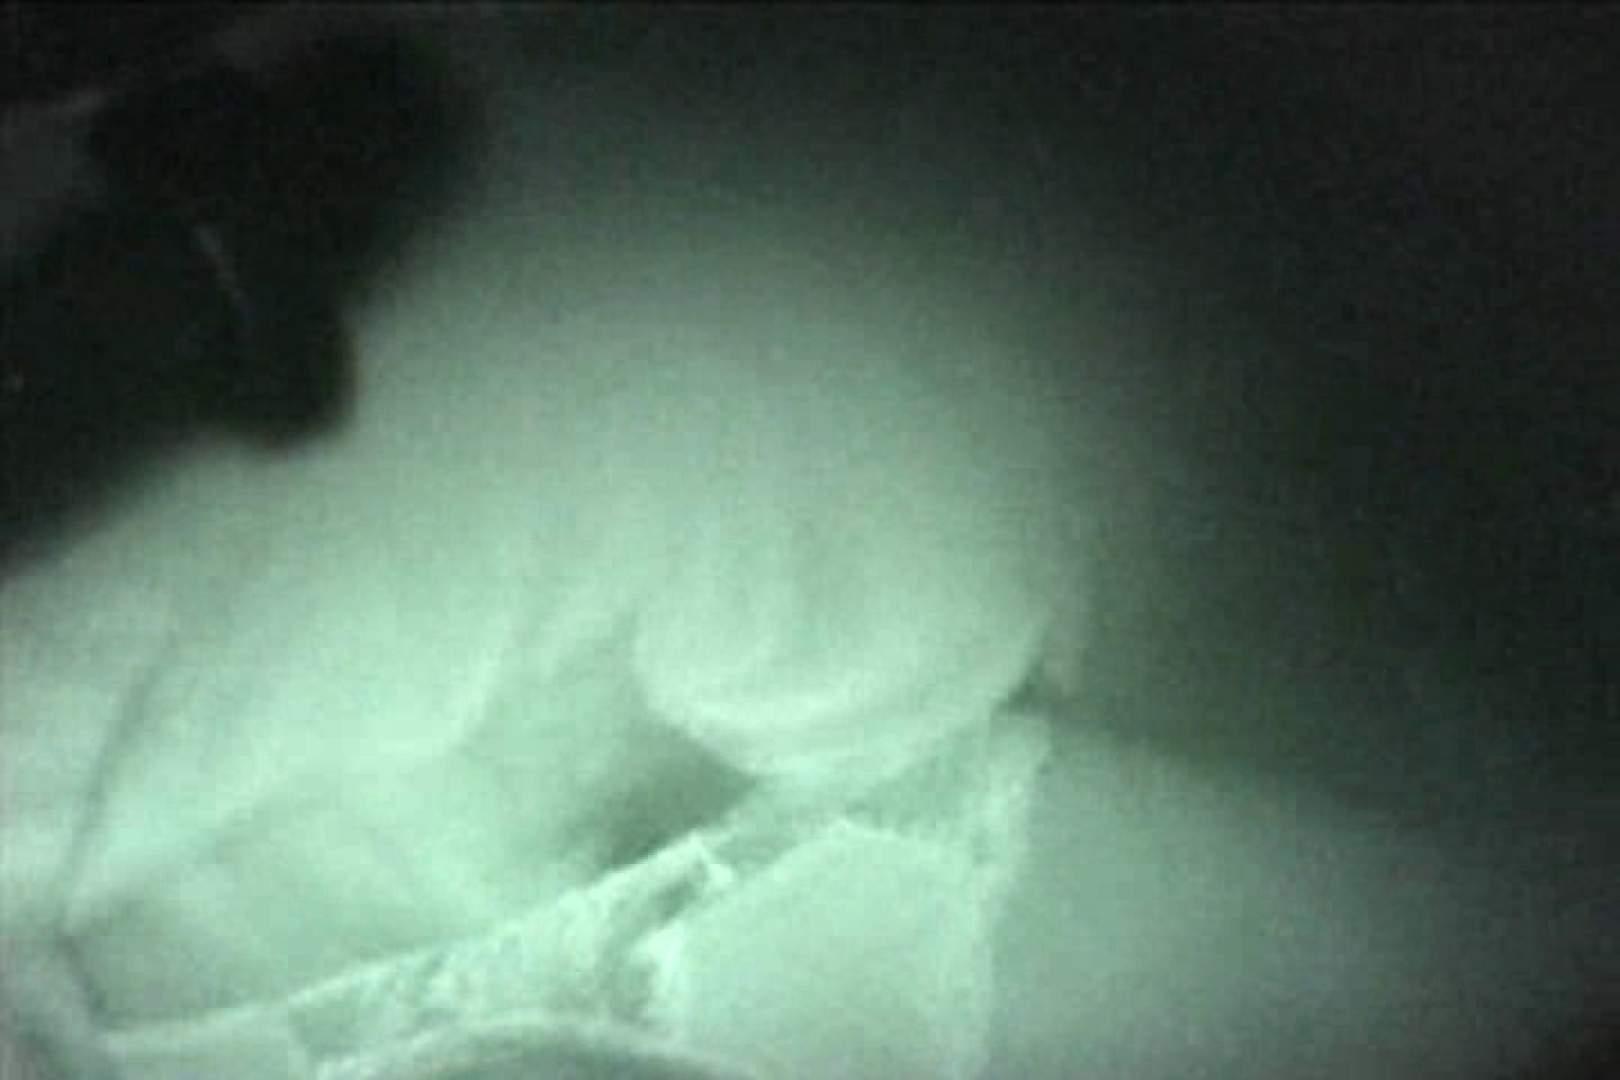 蔵出し!!赤外線カーセックスVol.1 セックス セックス無修正動画無料 92連発 69